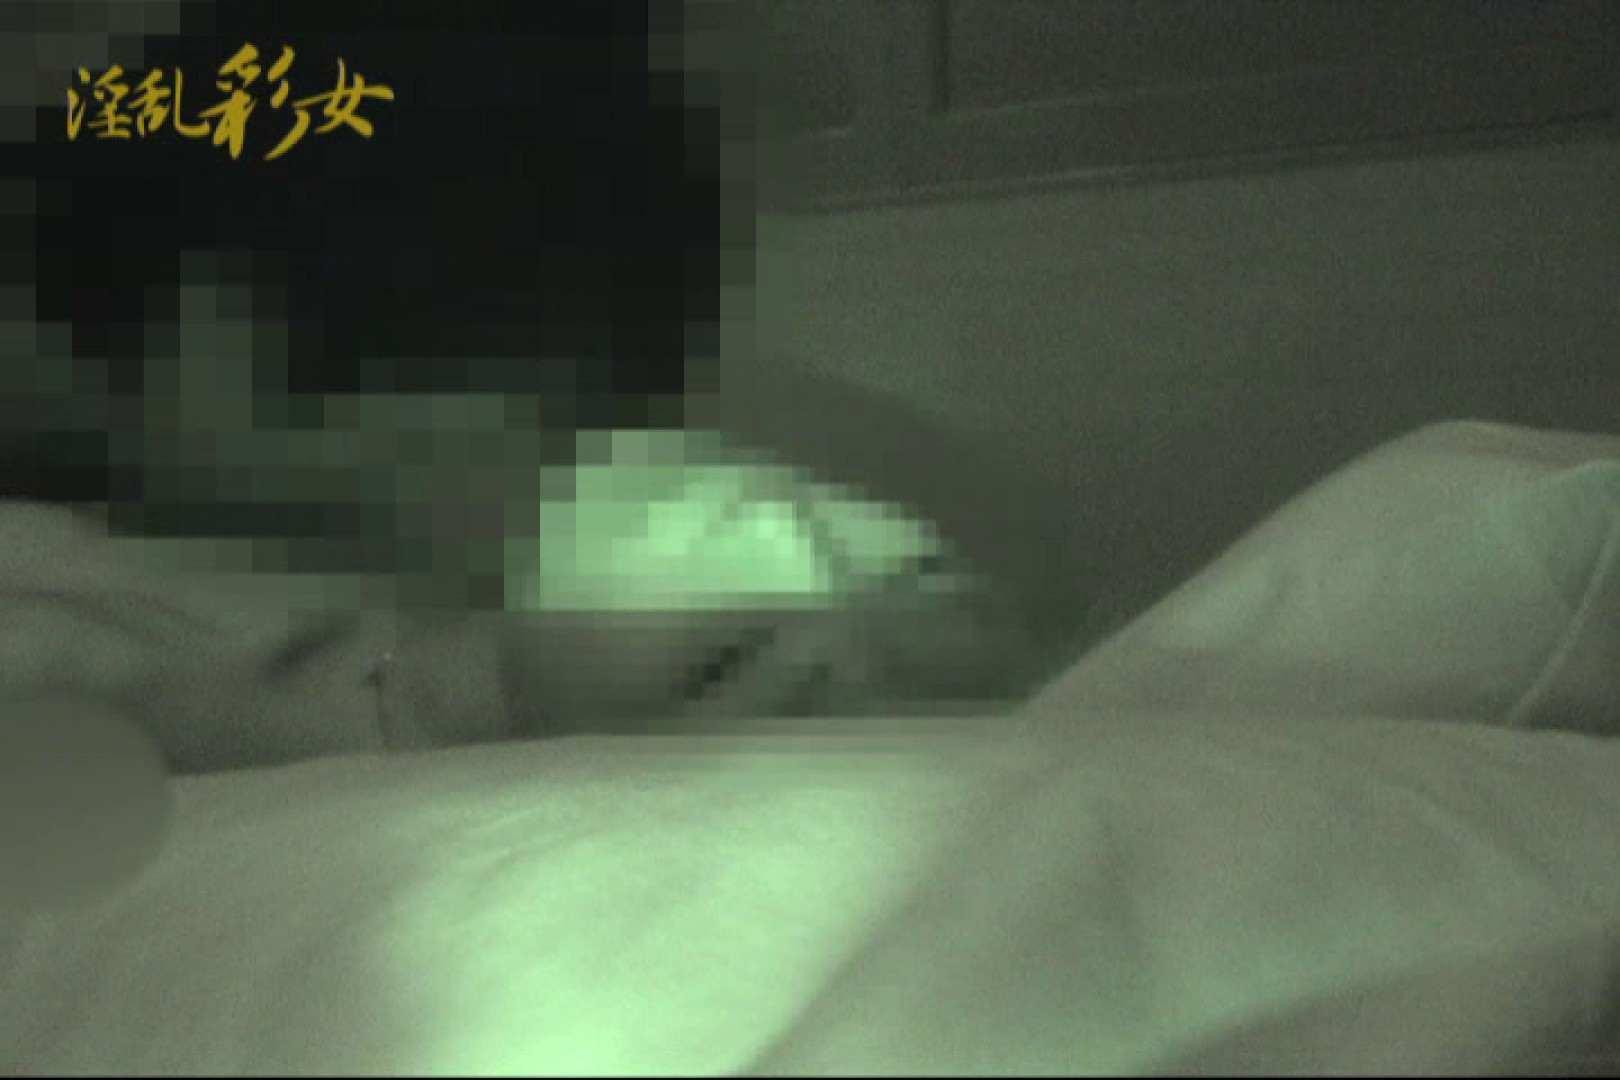 淫乱彩女 麻優里 禁断の彼氏2 一般投稿  77連発 53